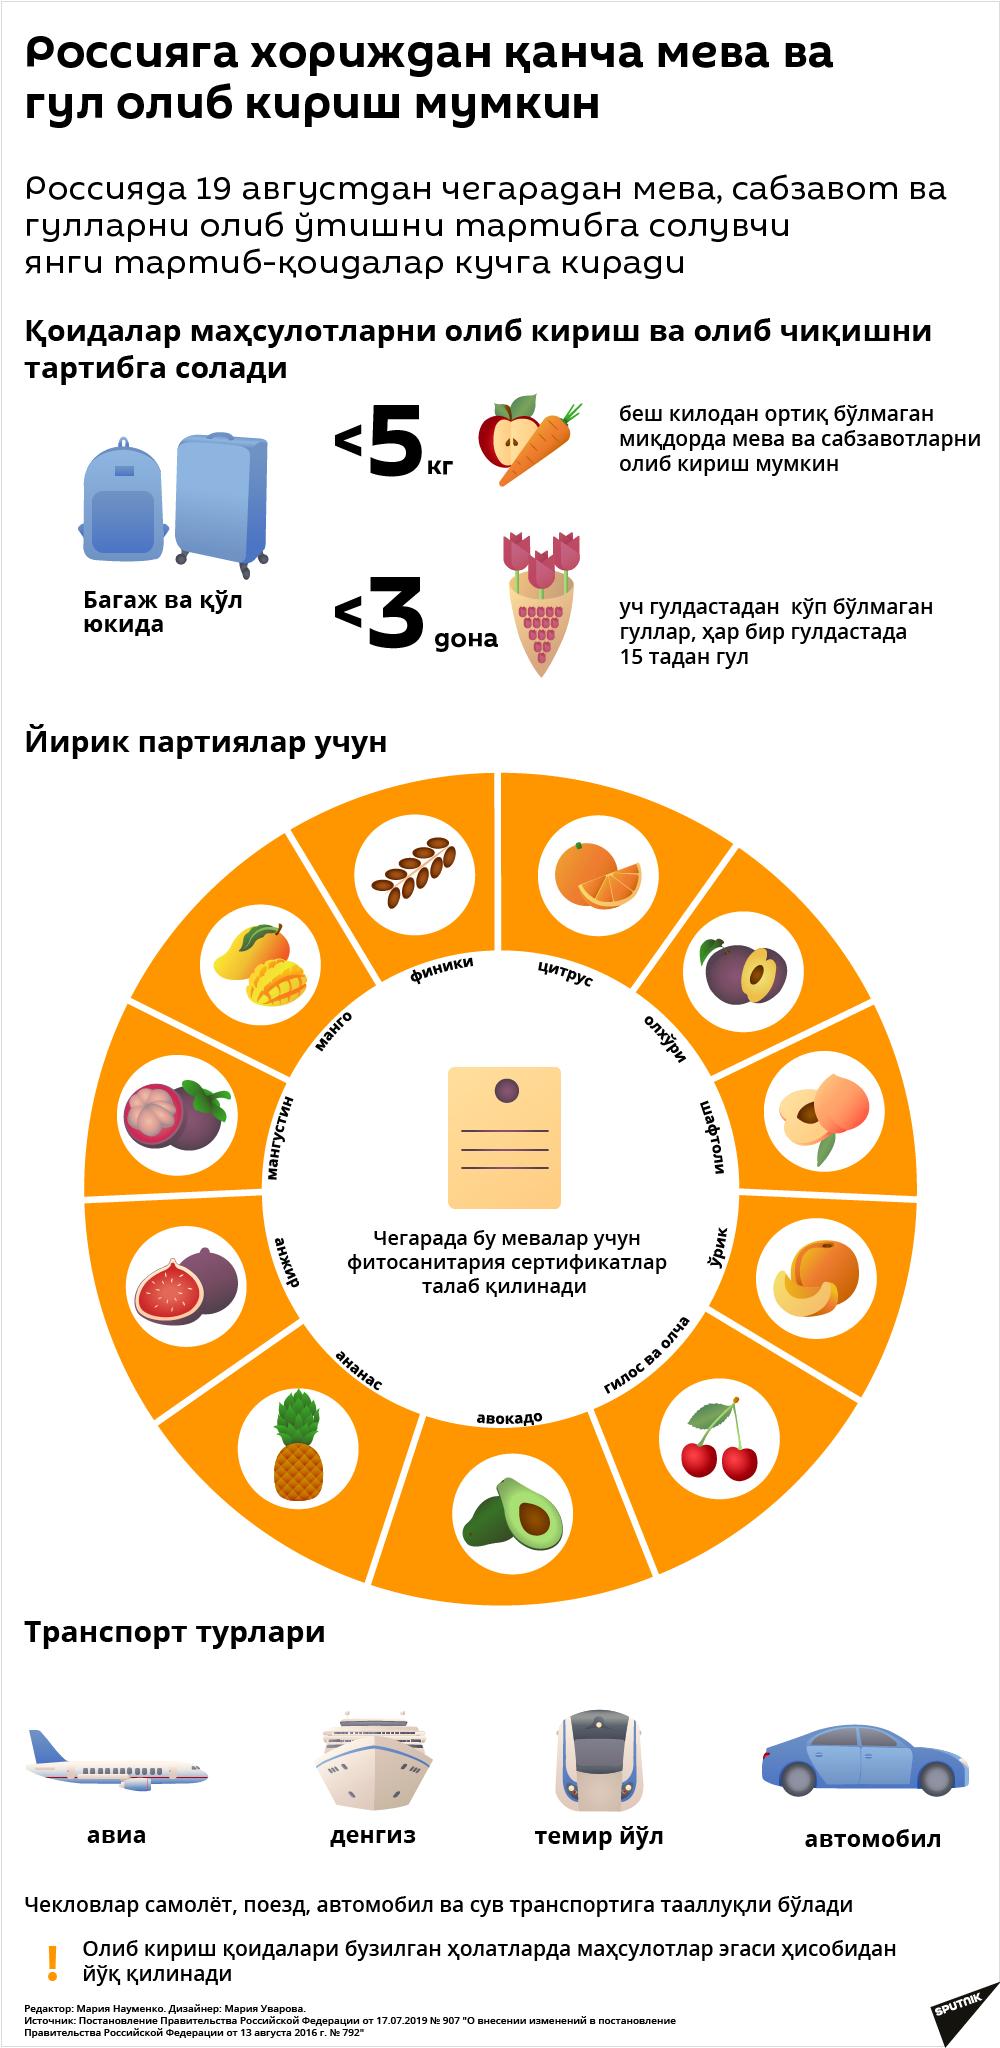 Rossiyaga qancha meva-cabzavot va gul olib kirish mumkin - Sputnik Oʻzbekiston